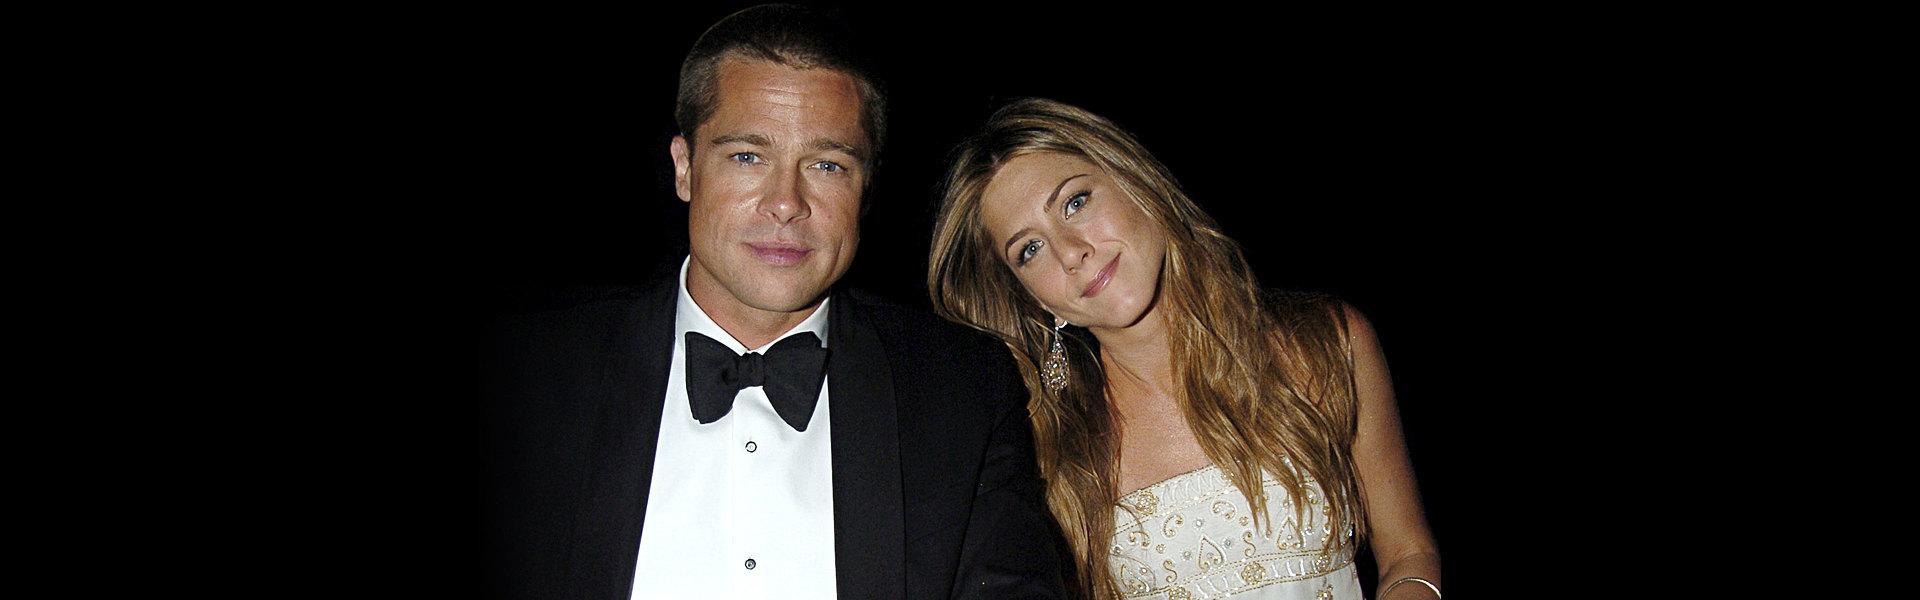 5 звездных экс-пар, которые сумели сохранить теплую дружбу после развода